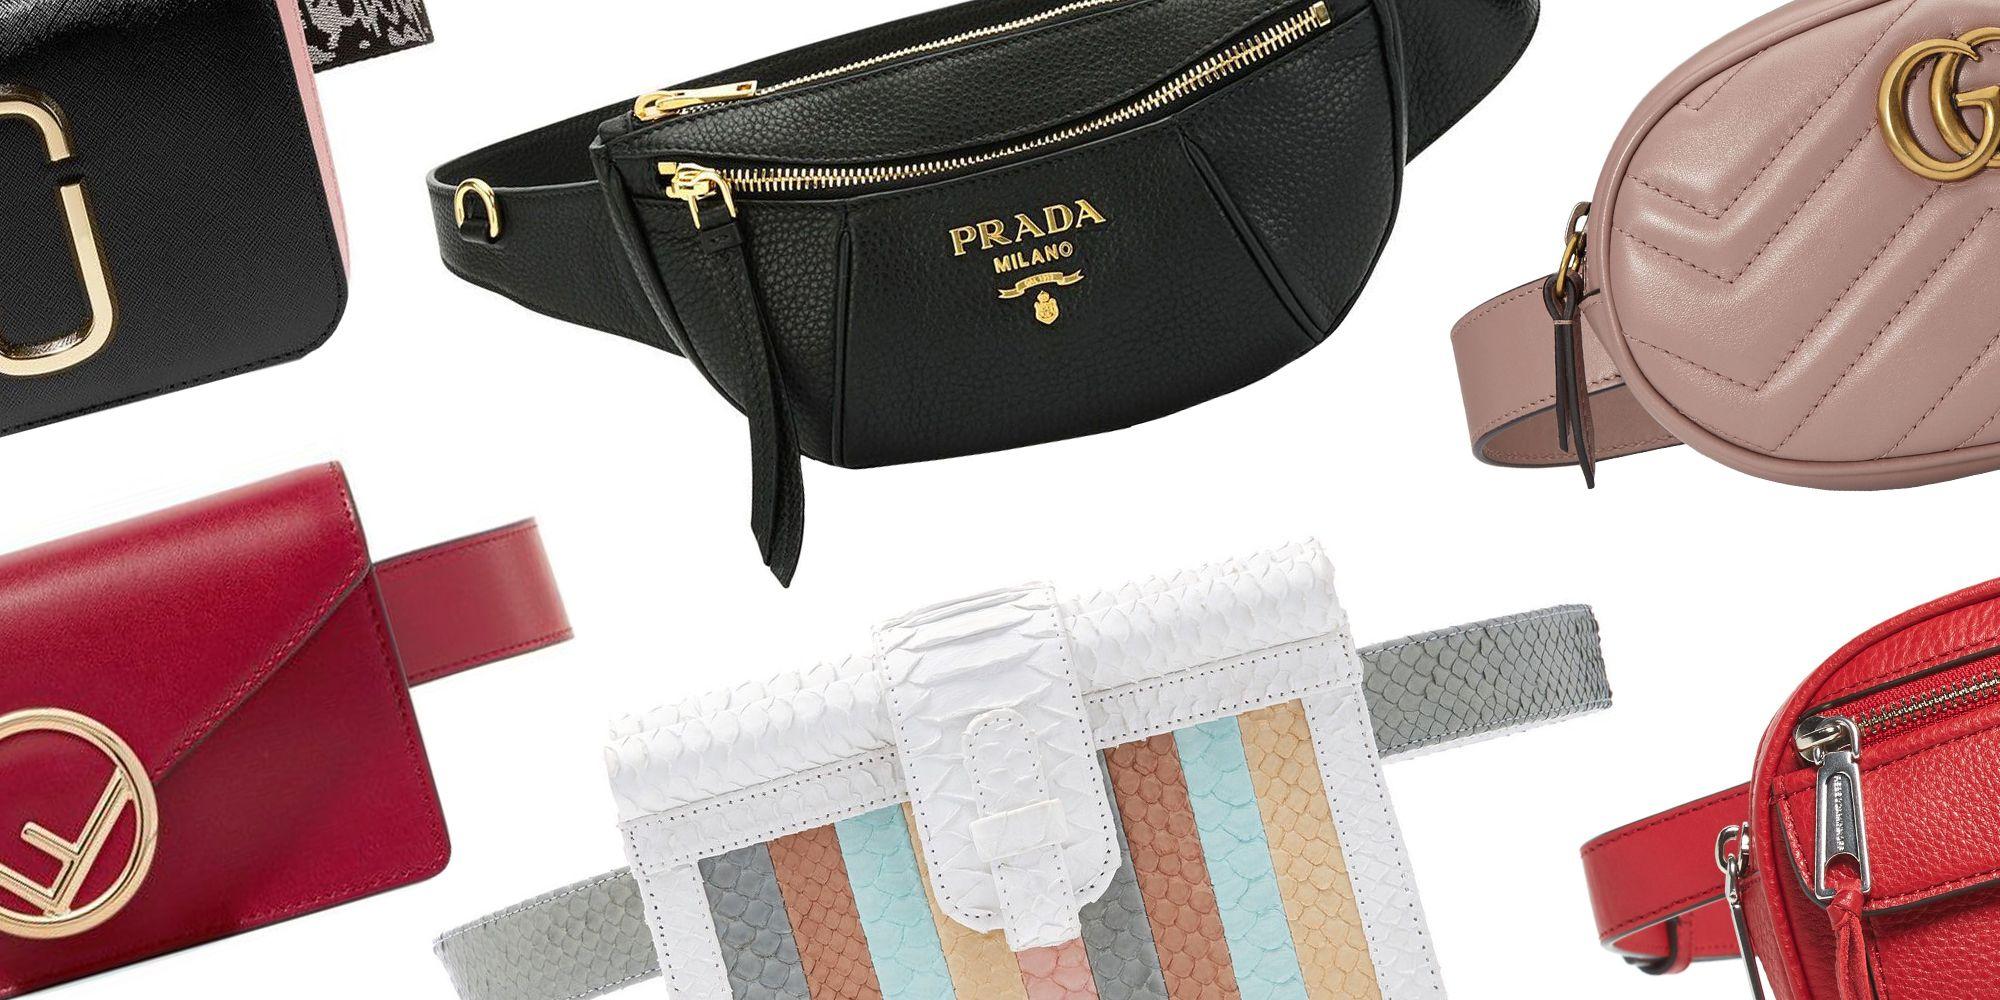 b6462d53fd72 11 Cute Designer Fanny Packs - Stylish Belt Bags Making a Comeback